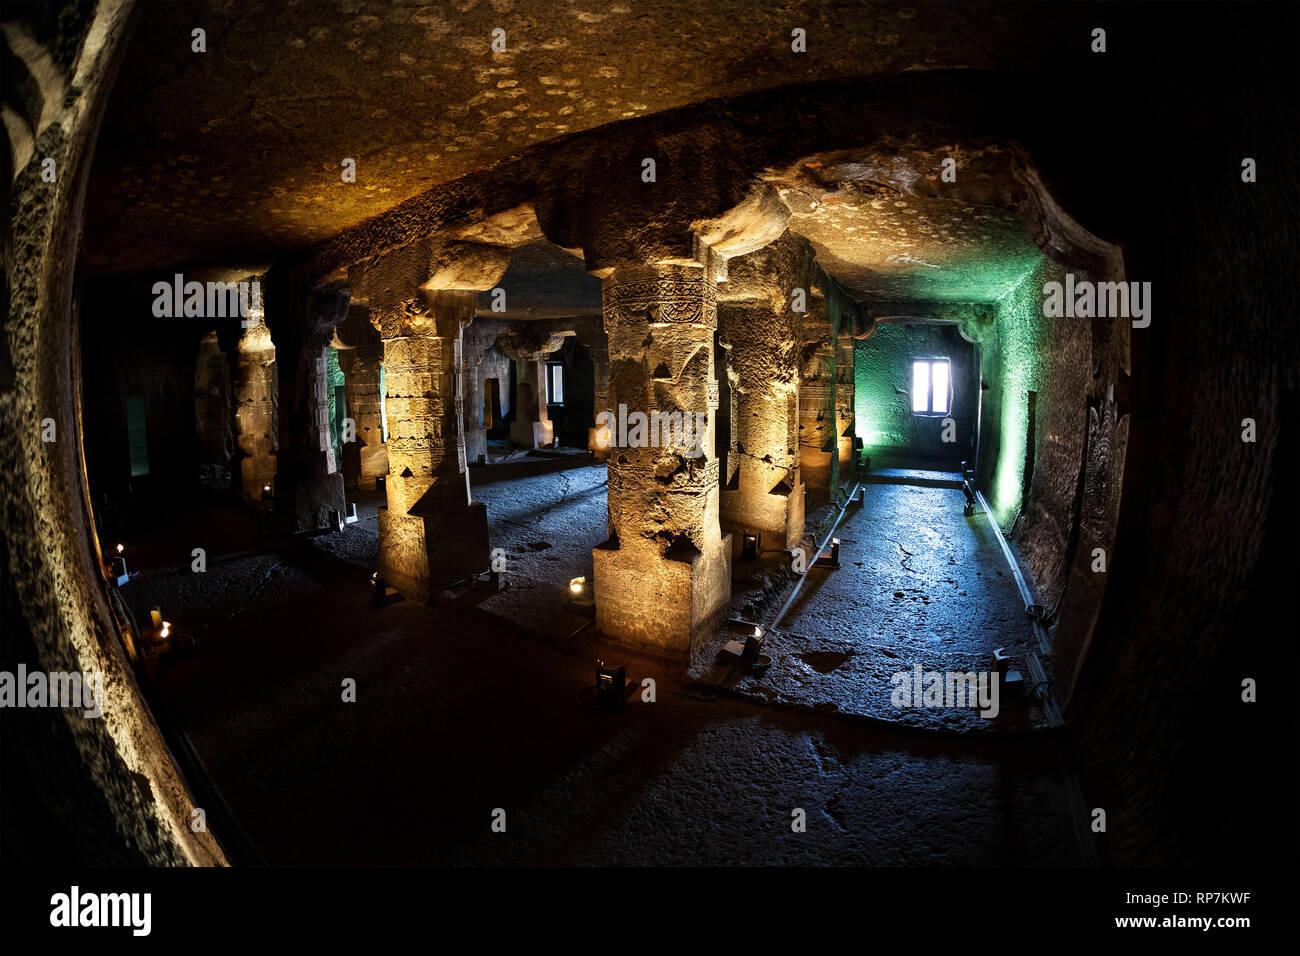 Colonna scolpita di antica grotta sotterranea in Ellora grotta nei pressi di Aurangabad, Maharashtra, India Immagini Stock